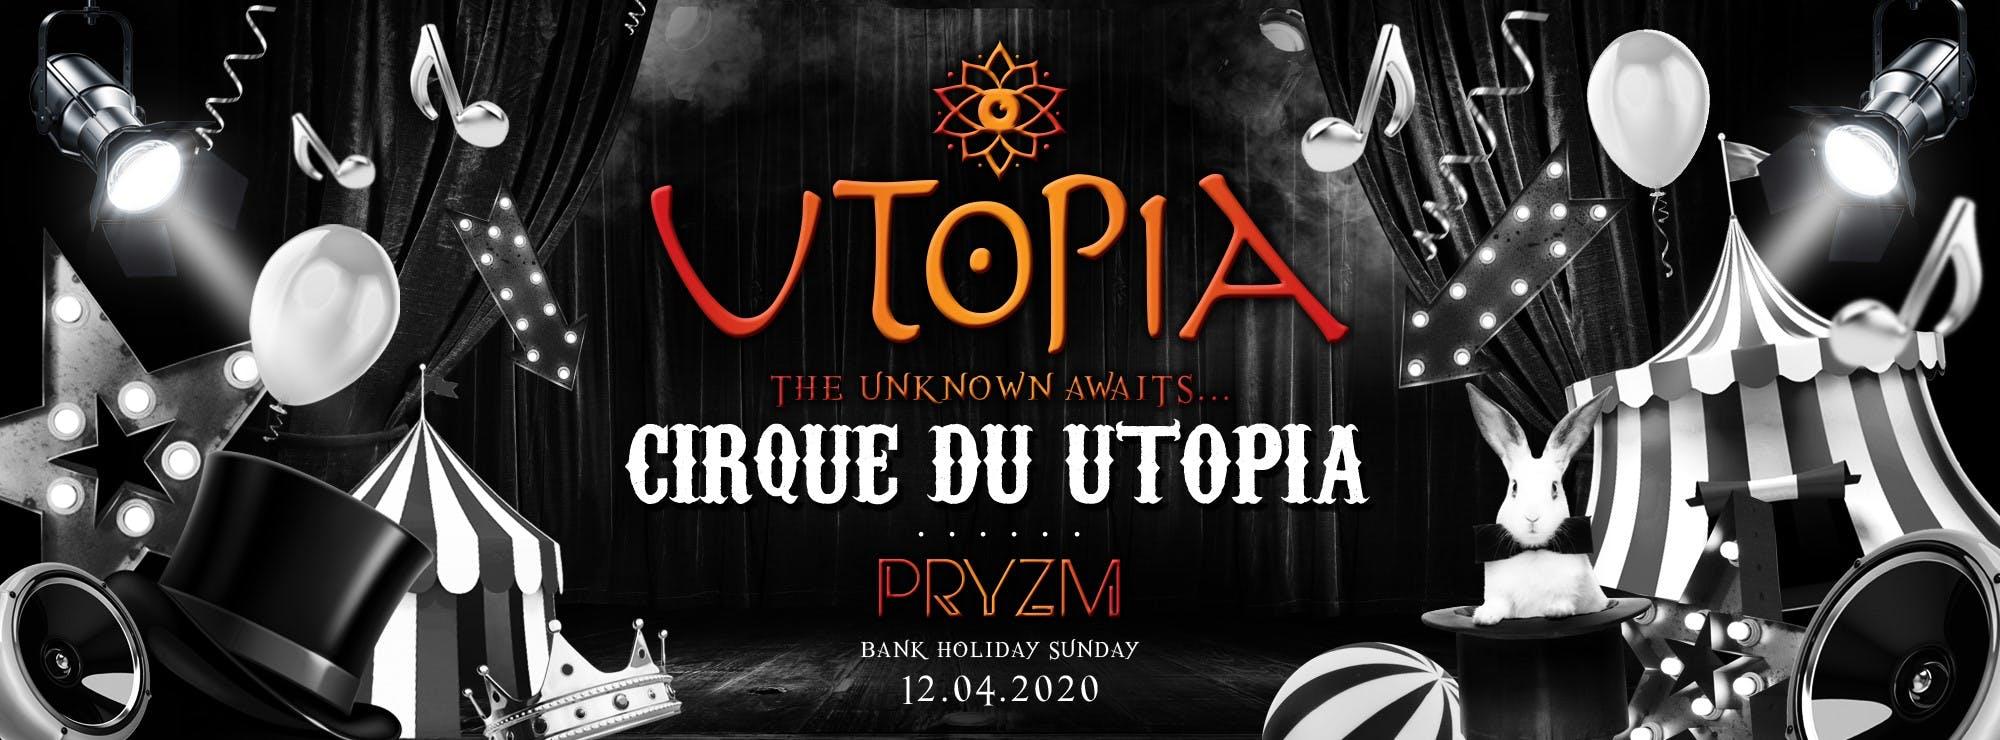 Utopia – Cirque Du Utopia 12/04/20